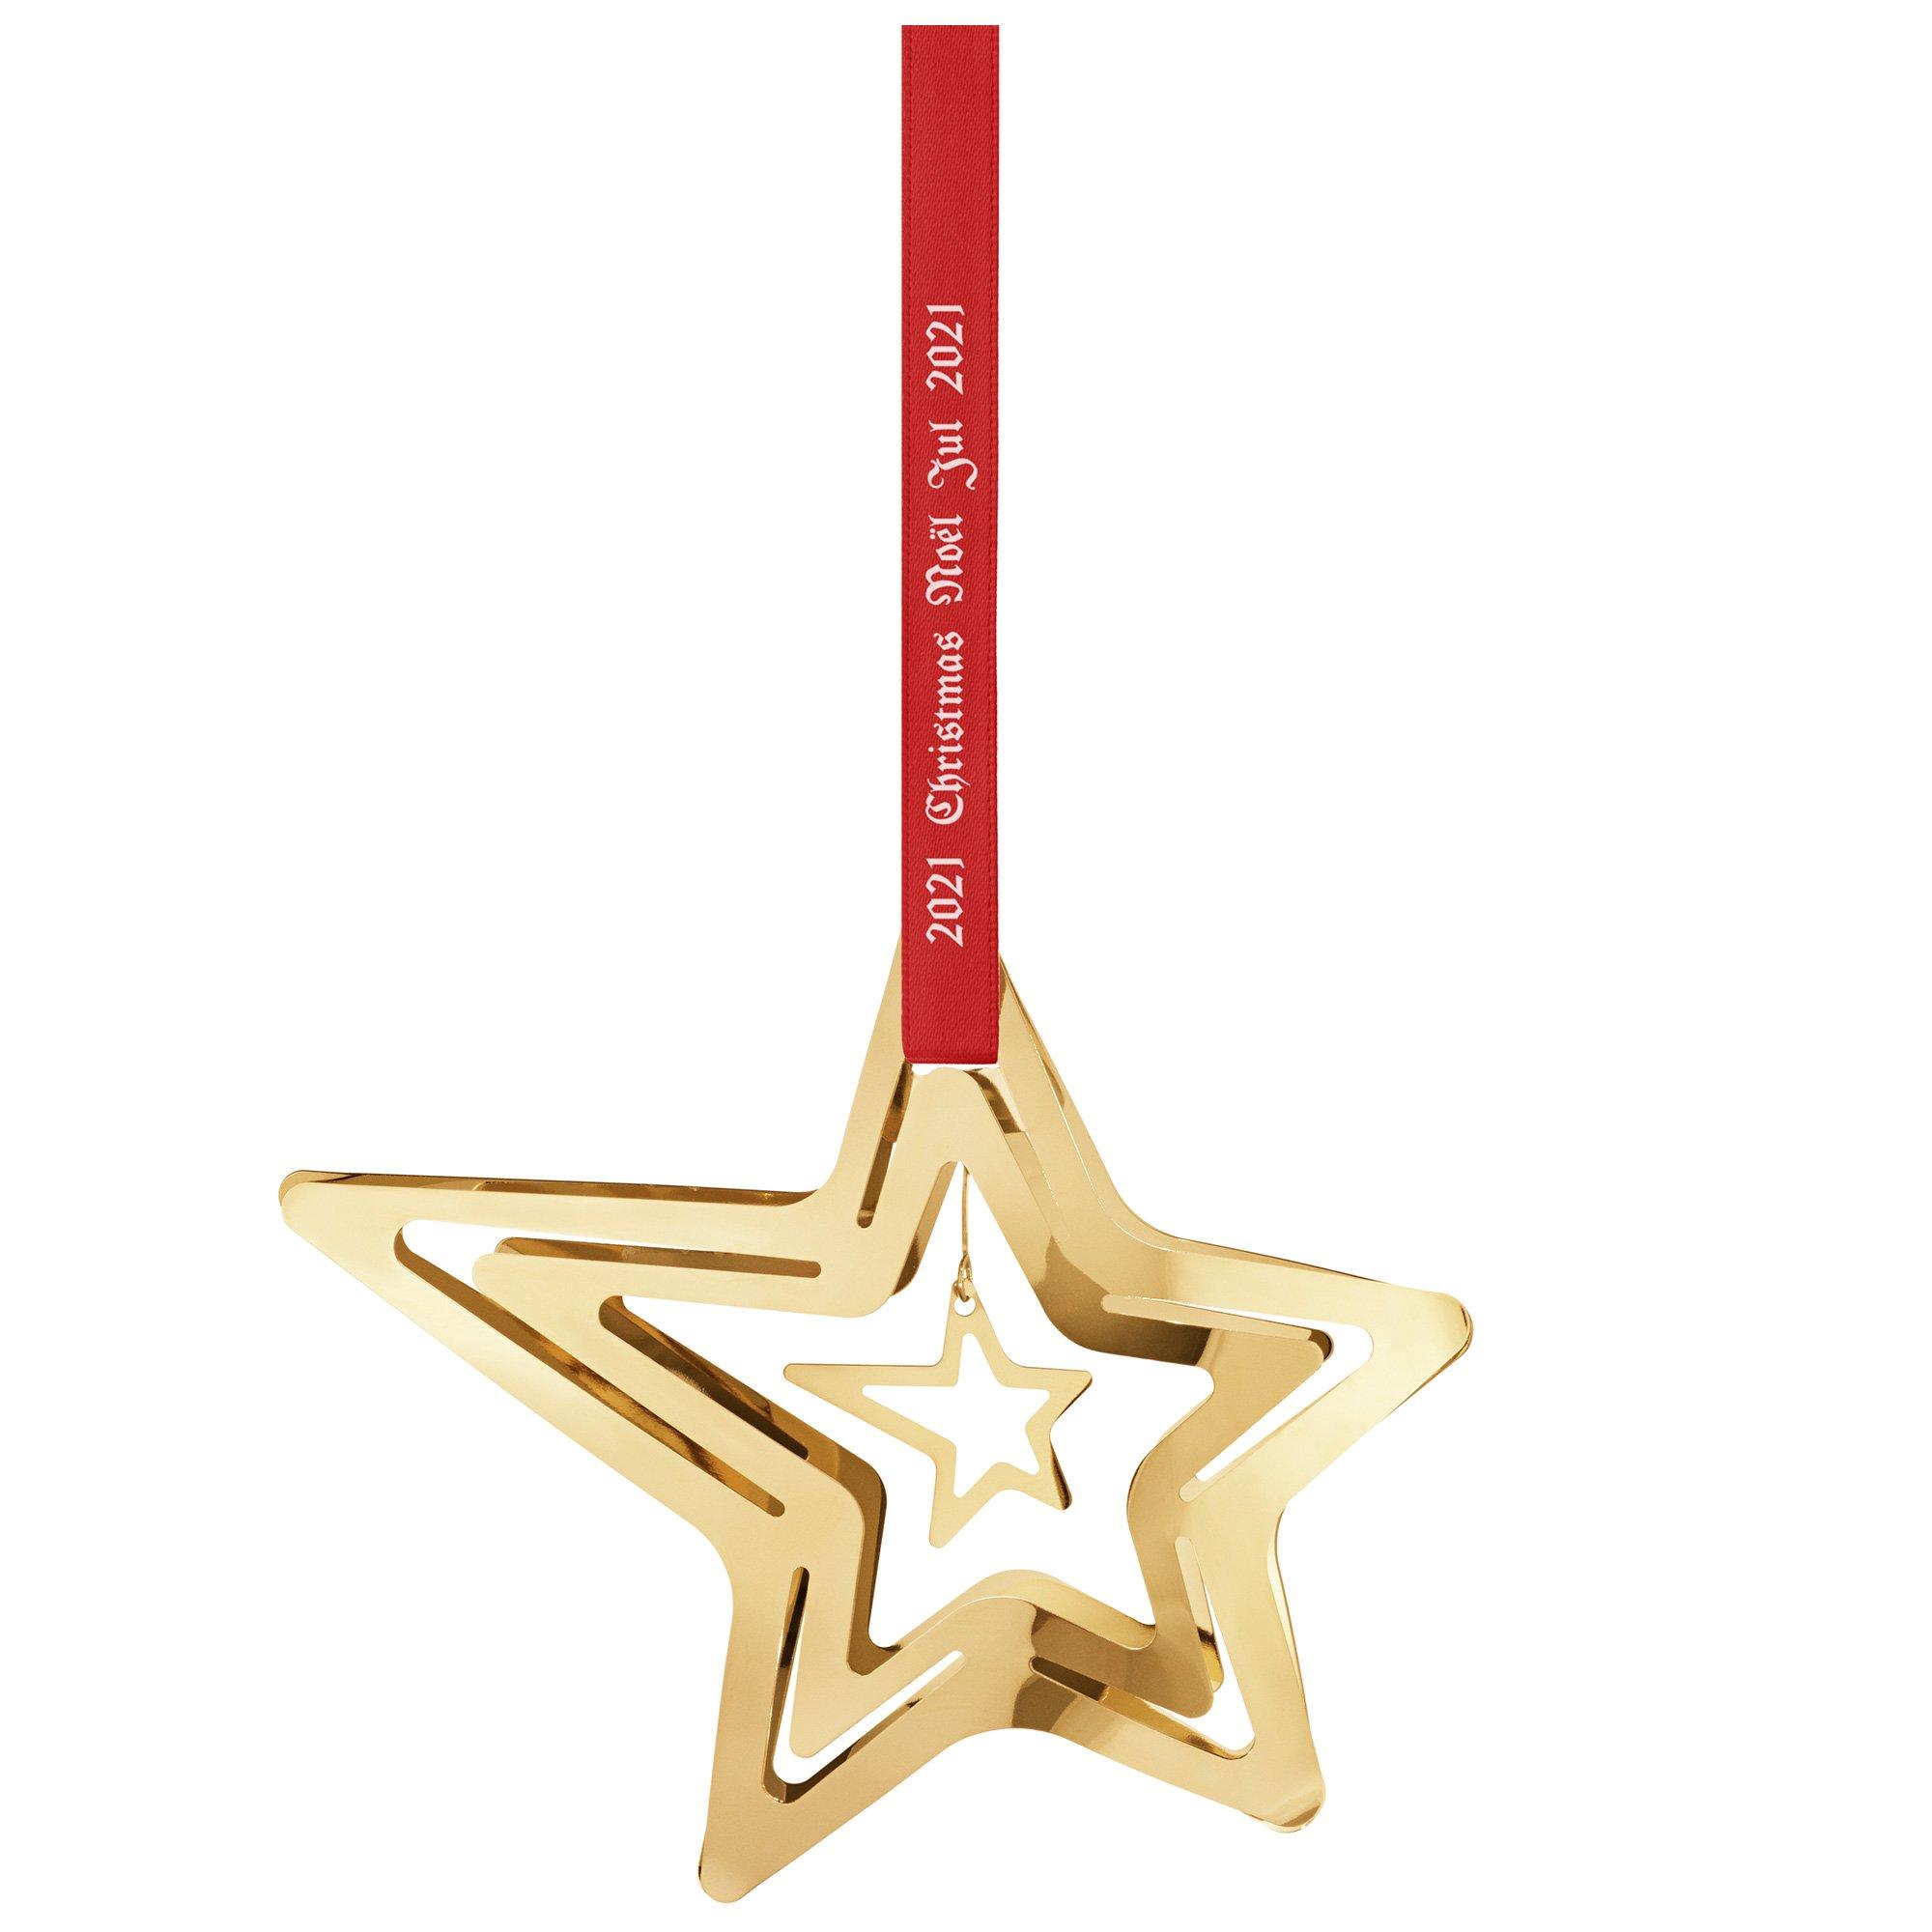 Georg Jensen 2021 julstjärna stjärnfall, guld